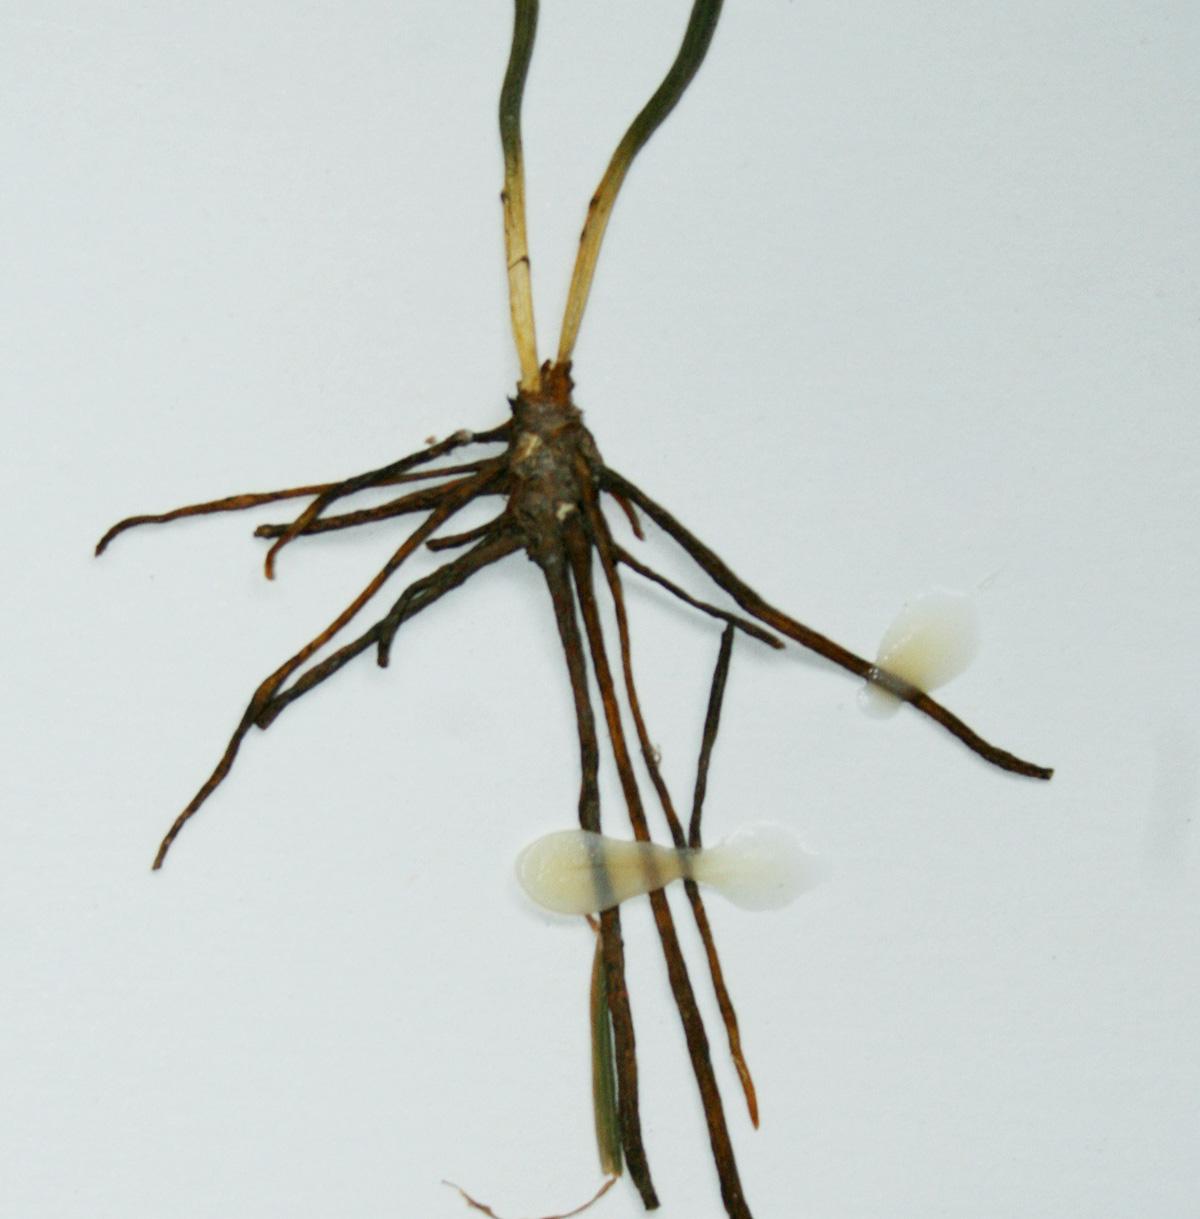 Ophioglossum vulgatum subsp. africanum